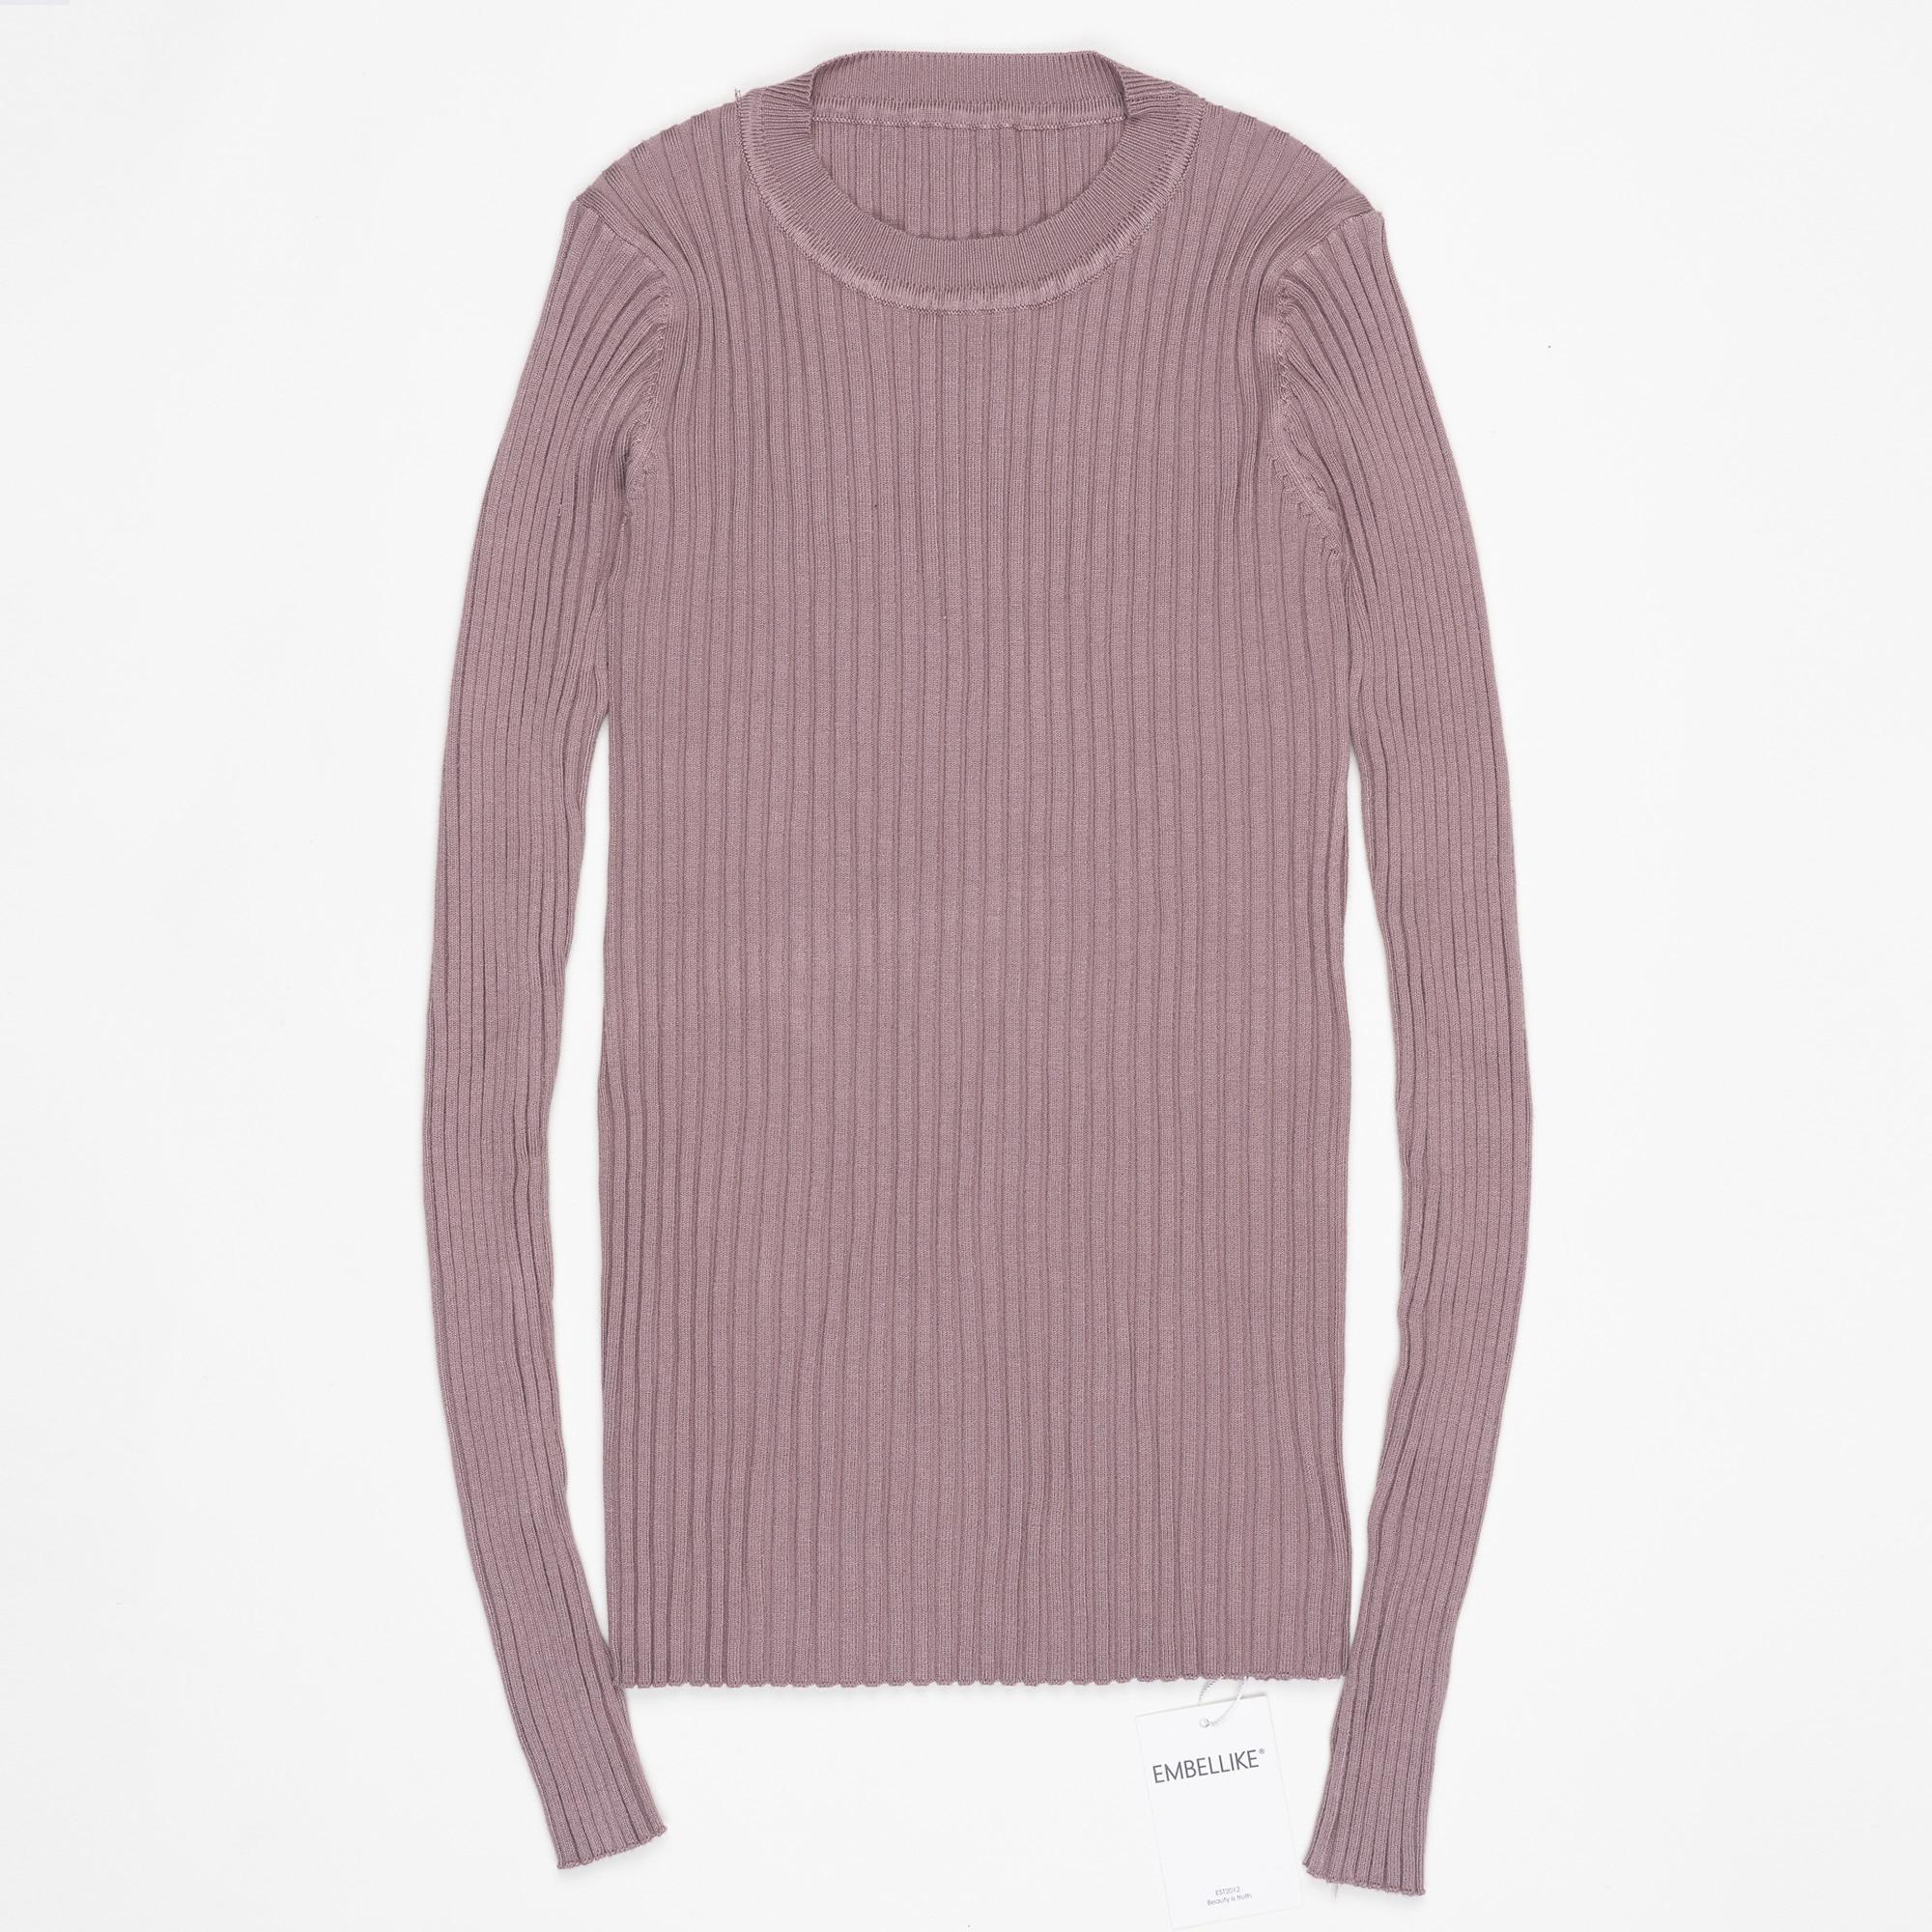 Γυναικεία πουκάμισο πουλόβερ με - Γυναικείος ρουχισμός - Φωτογραφία 3